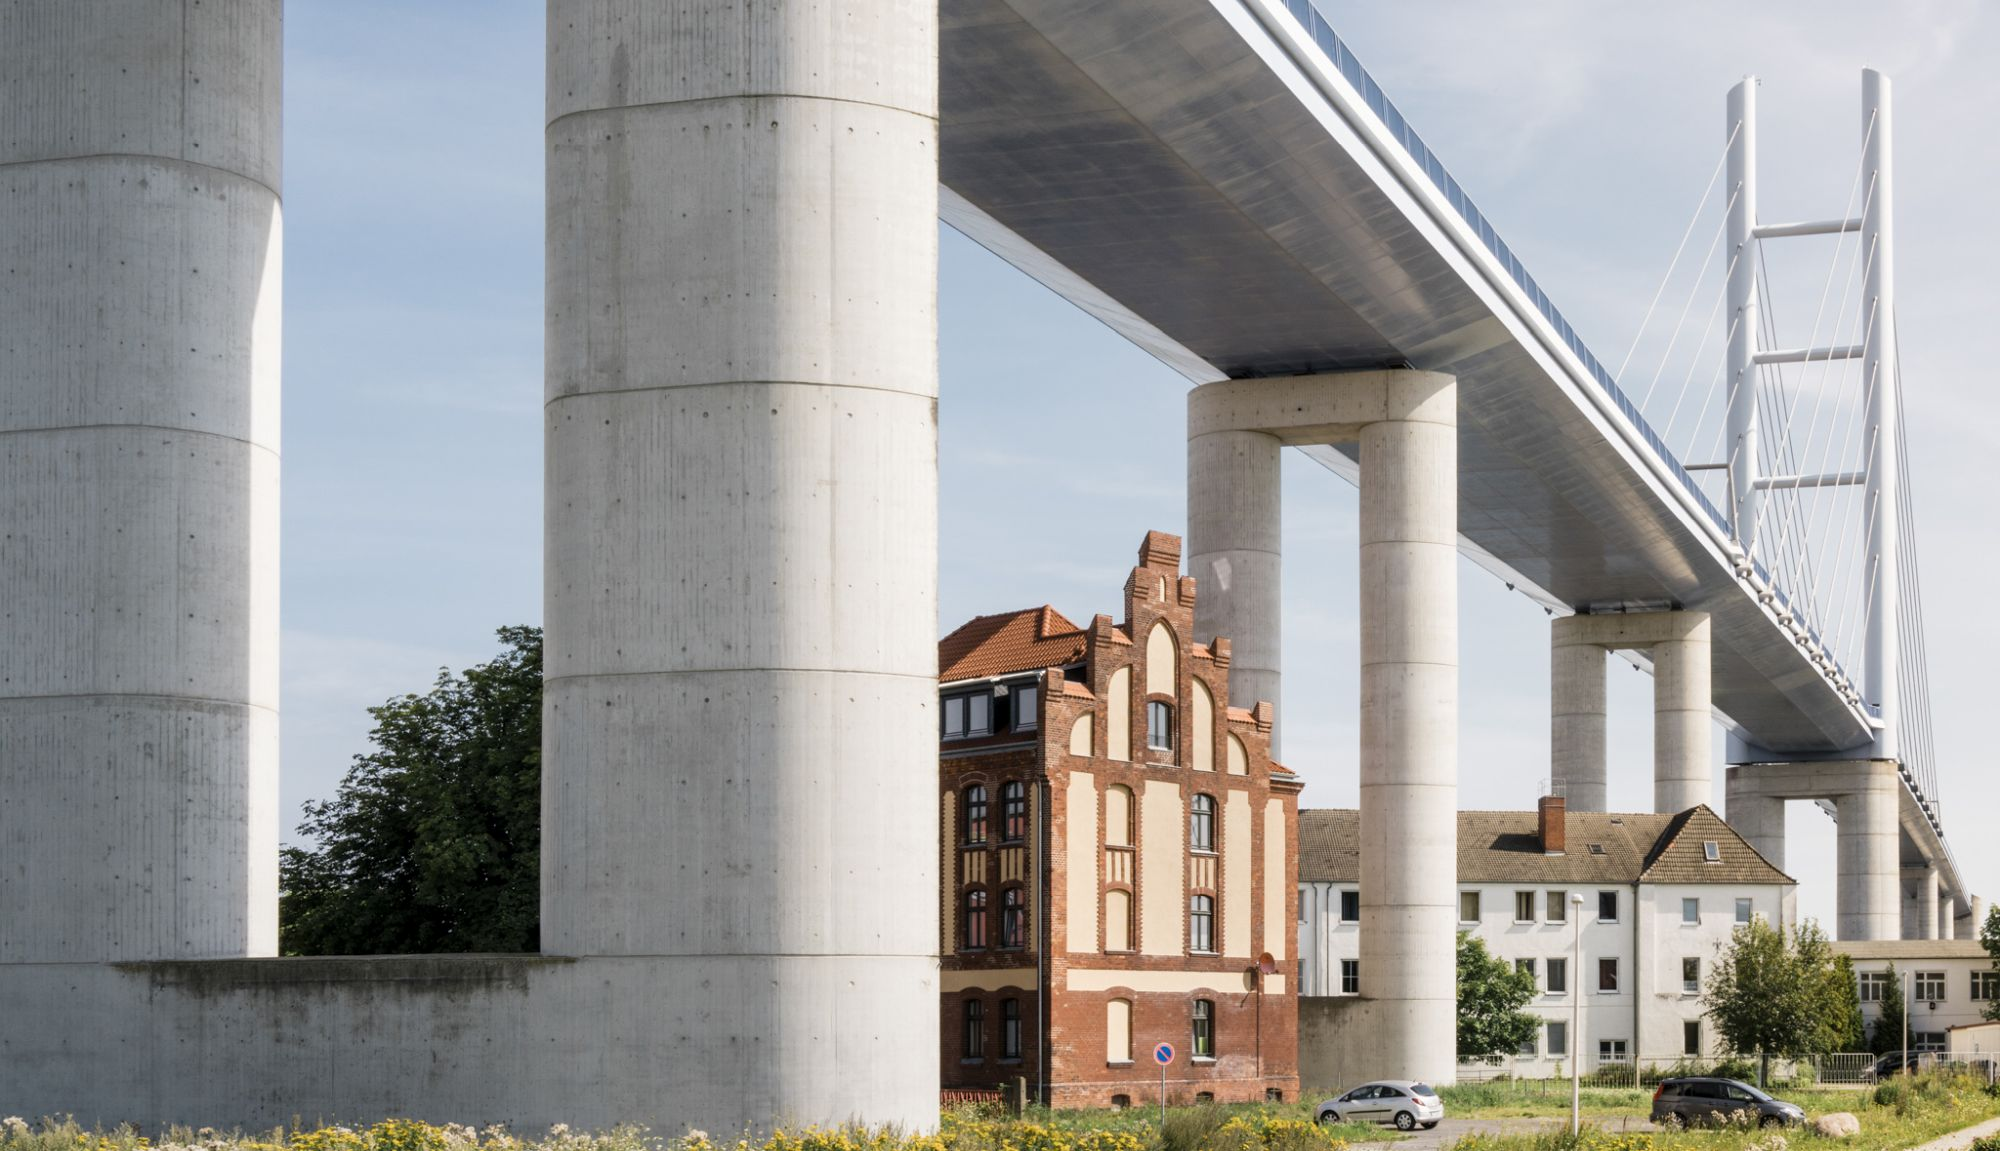 House under Rügen Bridge, Hanseatic City of Stralsund